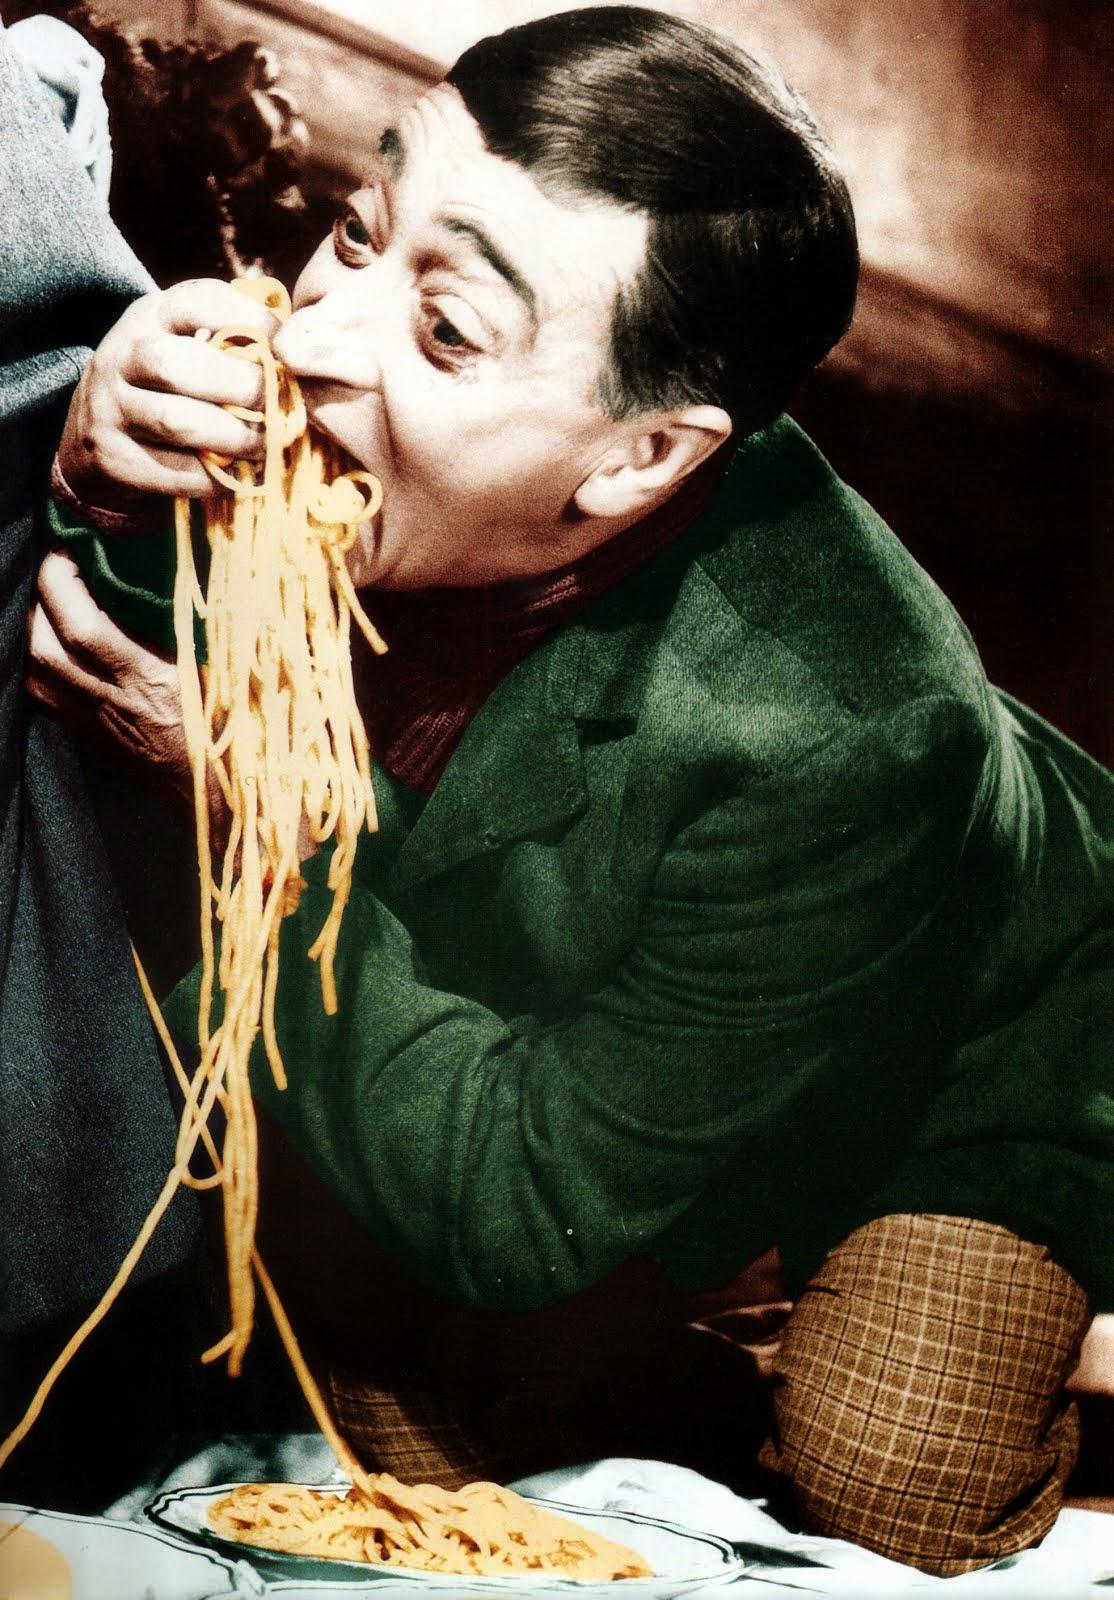 miseria e nobiltà di Mario Mattoli